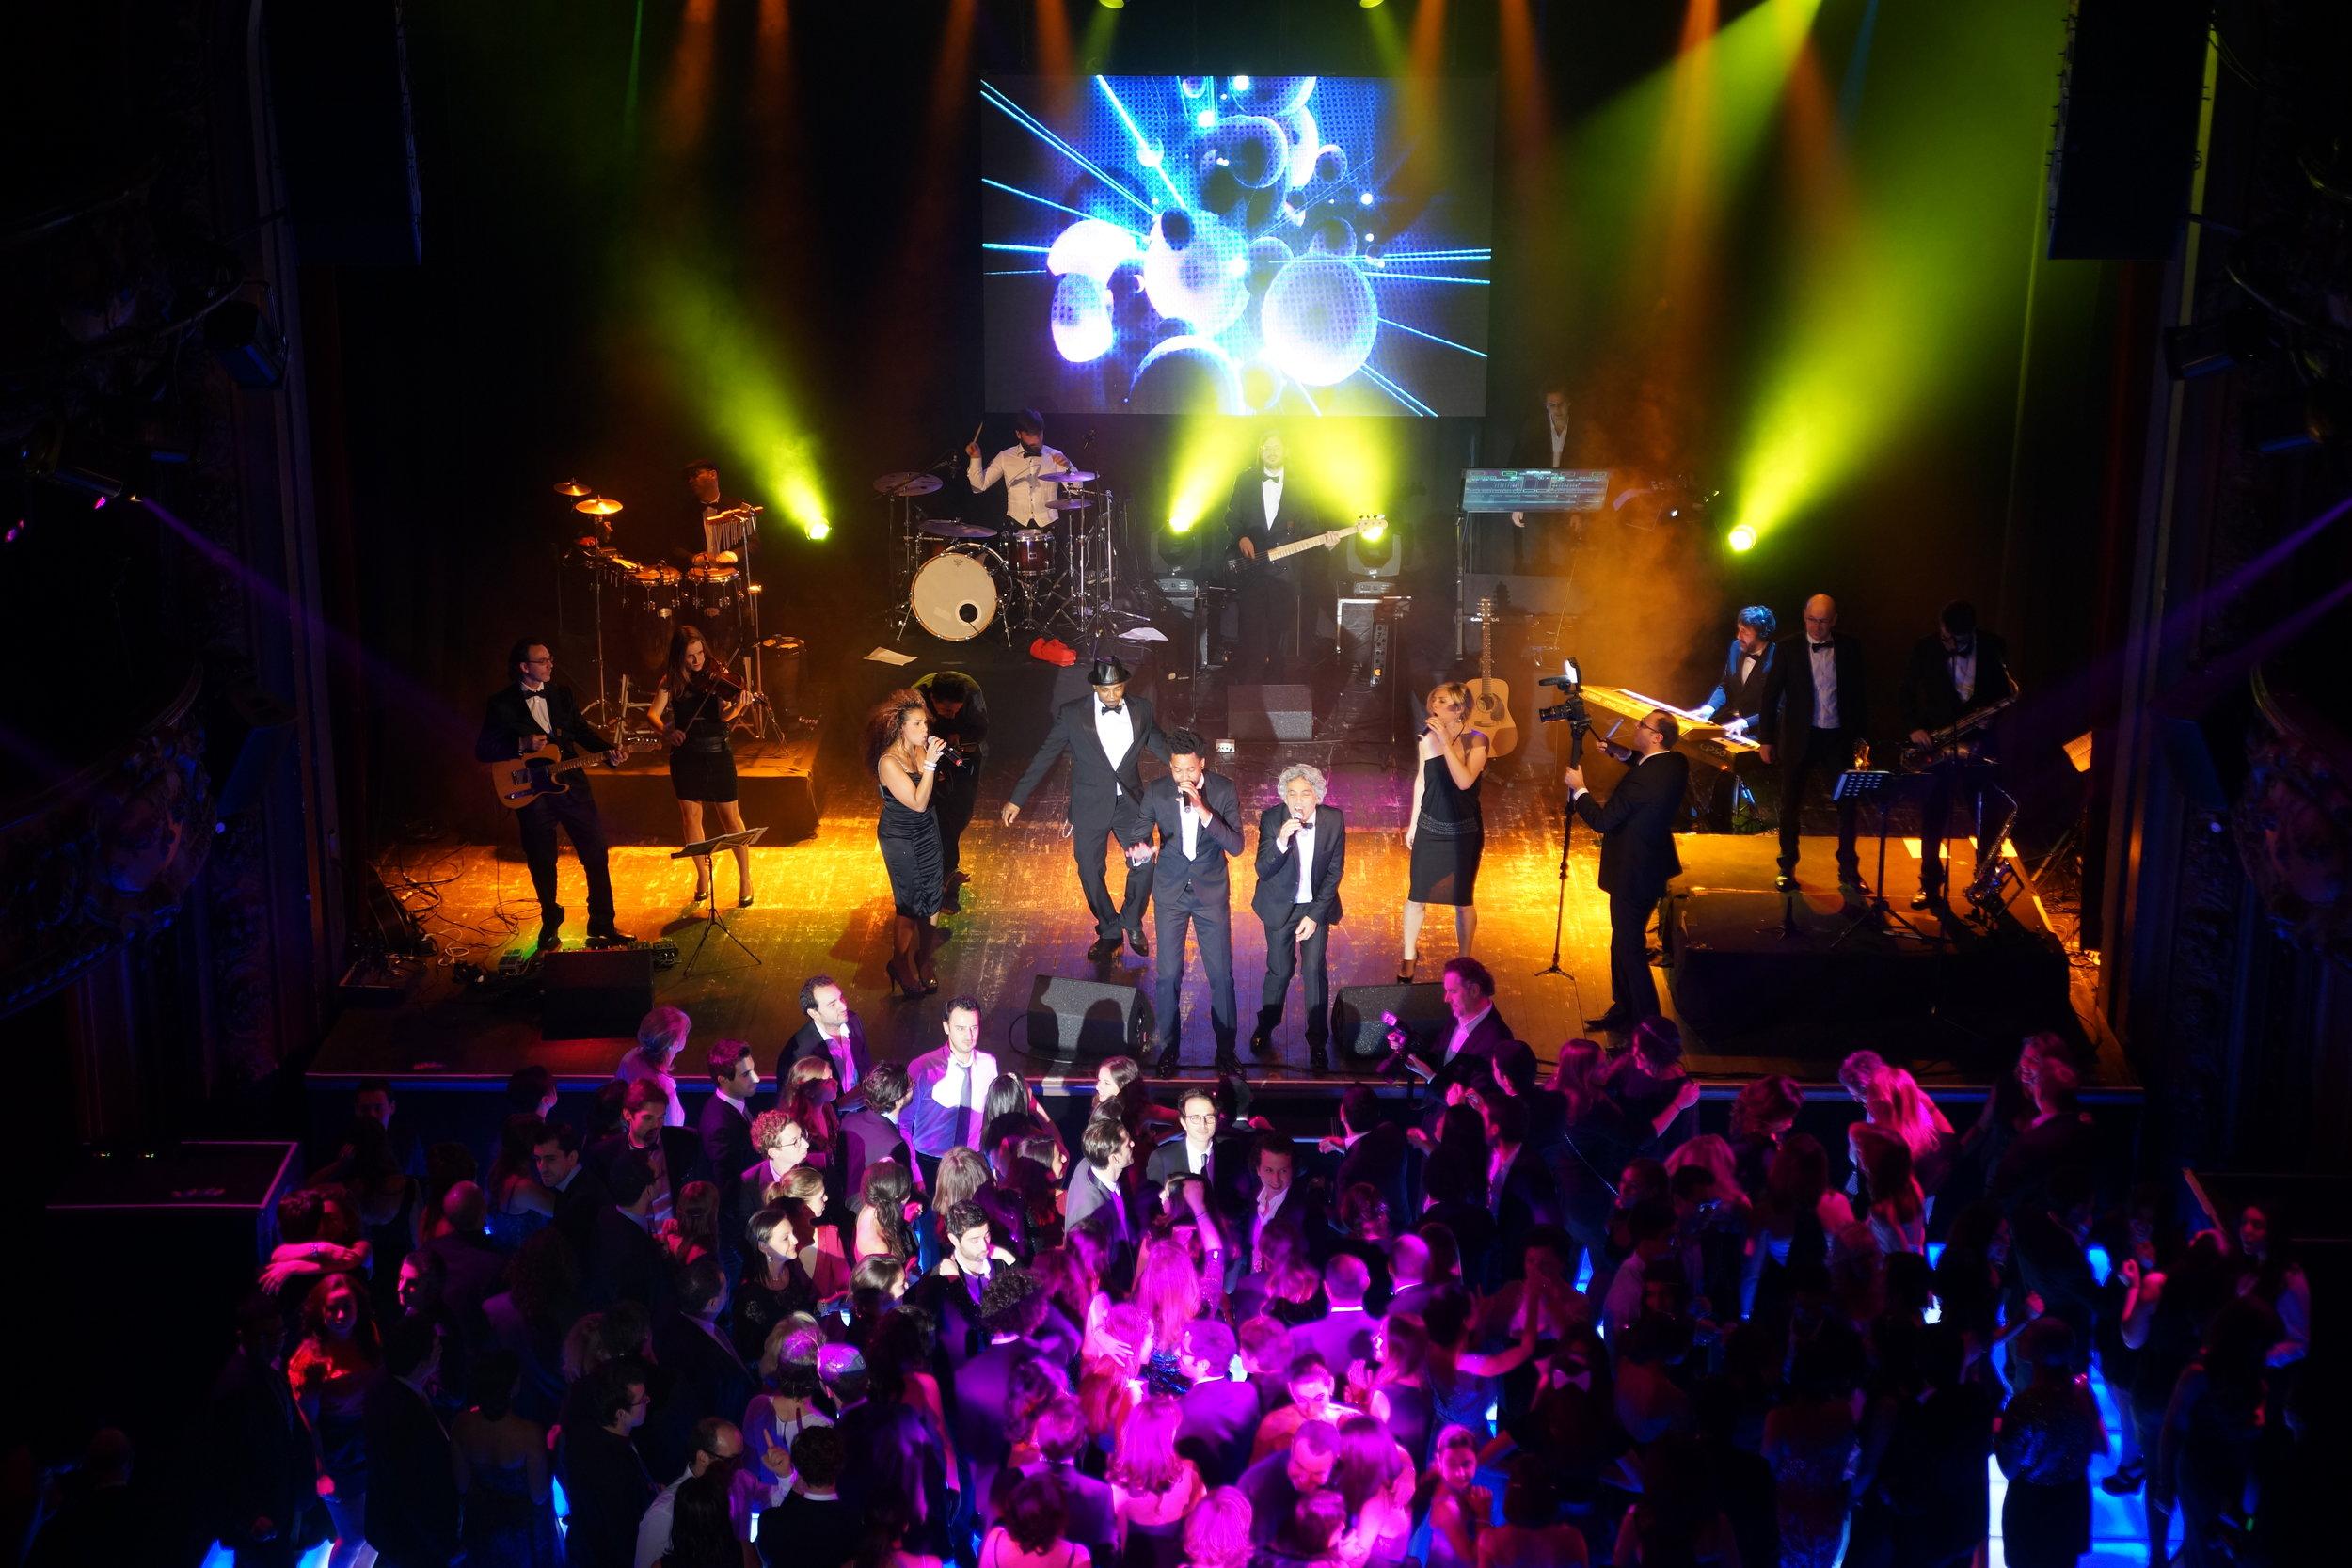 Orchestre live au cours d'un gala d'entreprise à Paris